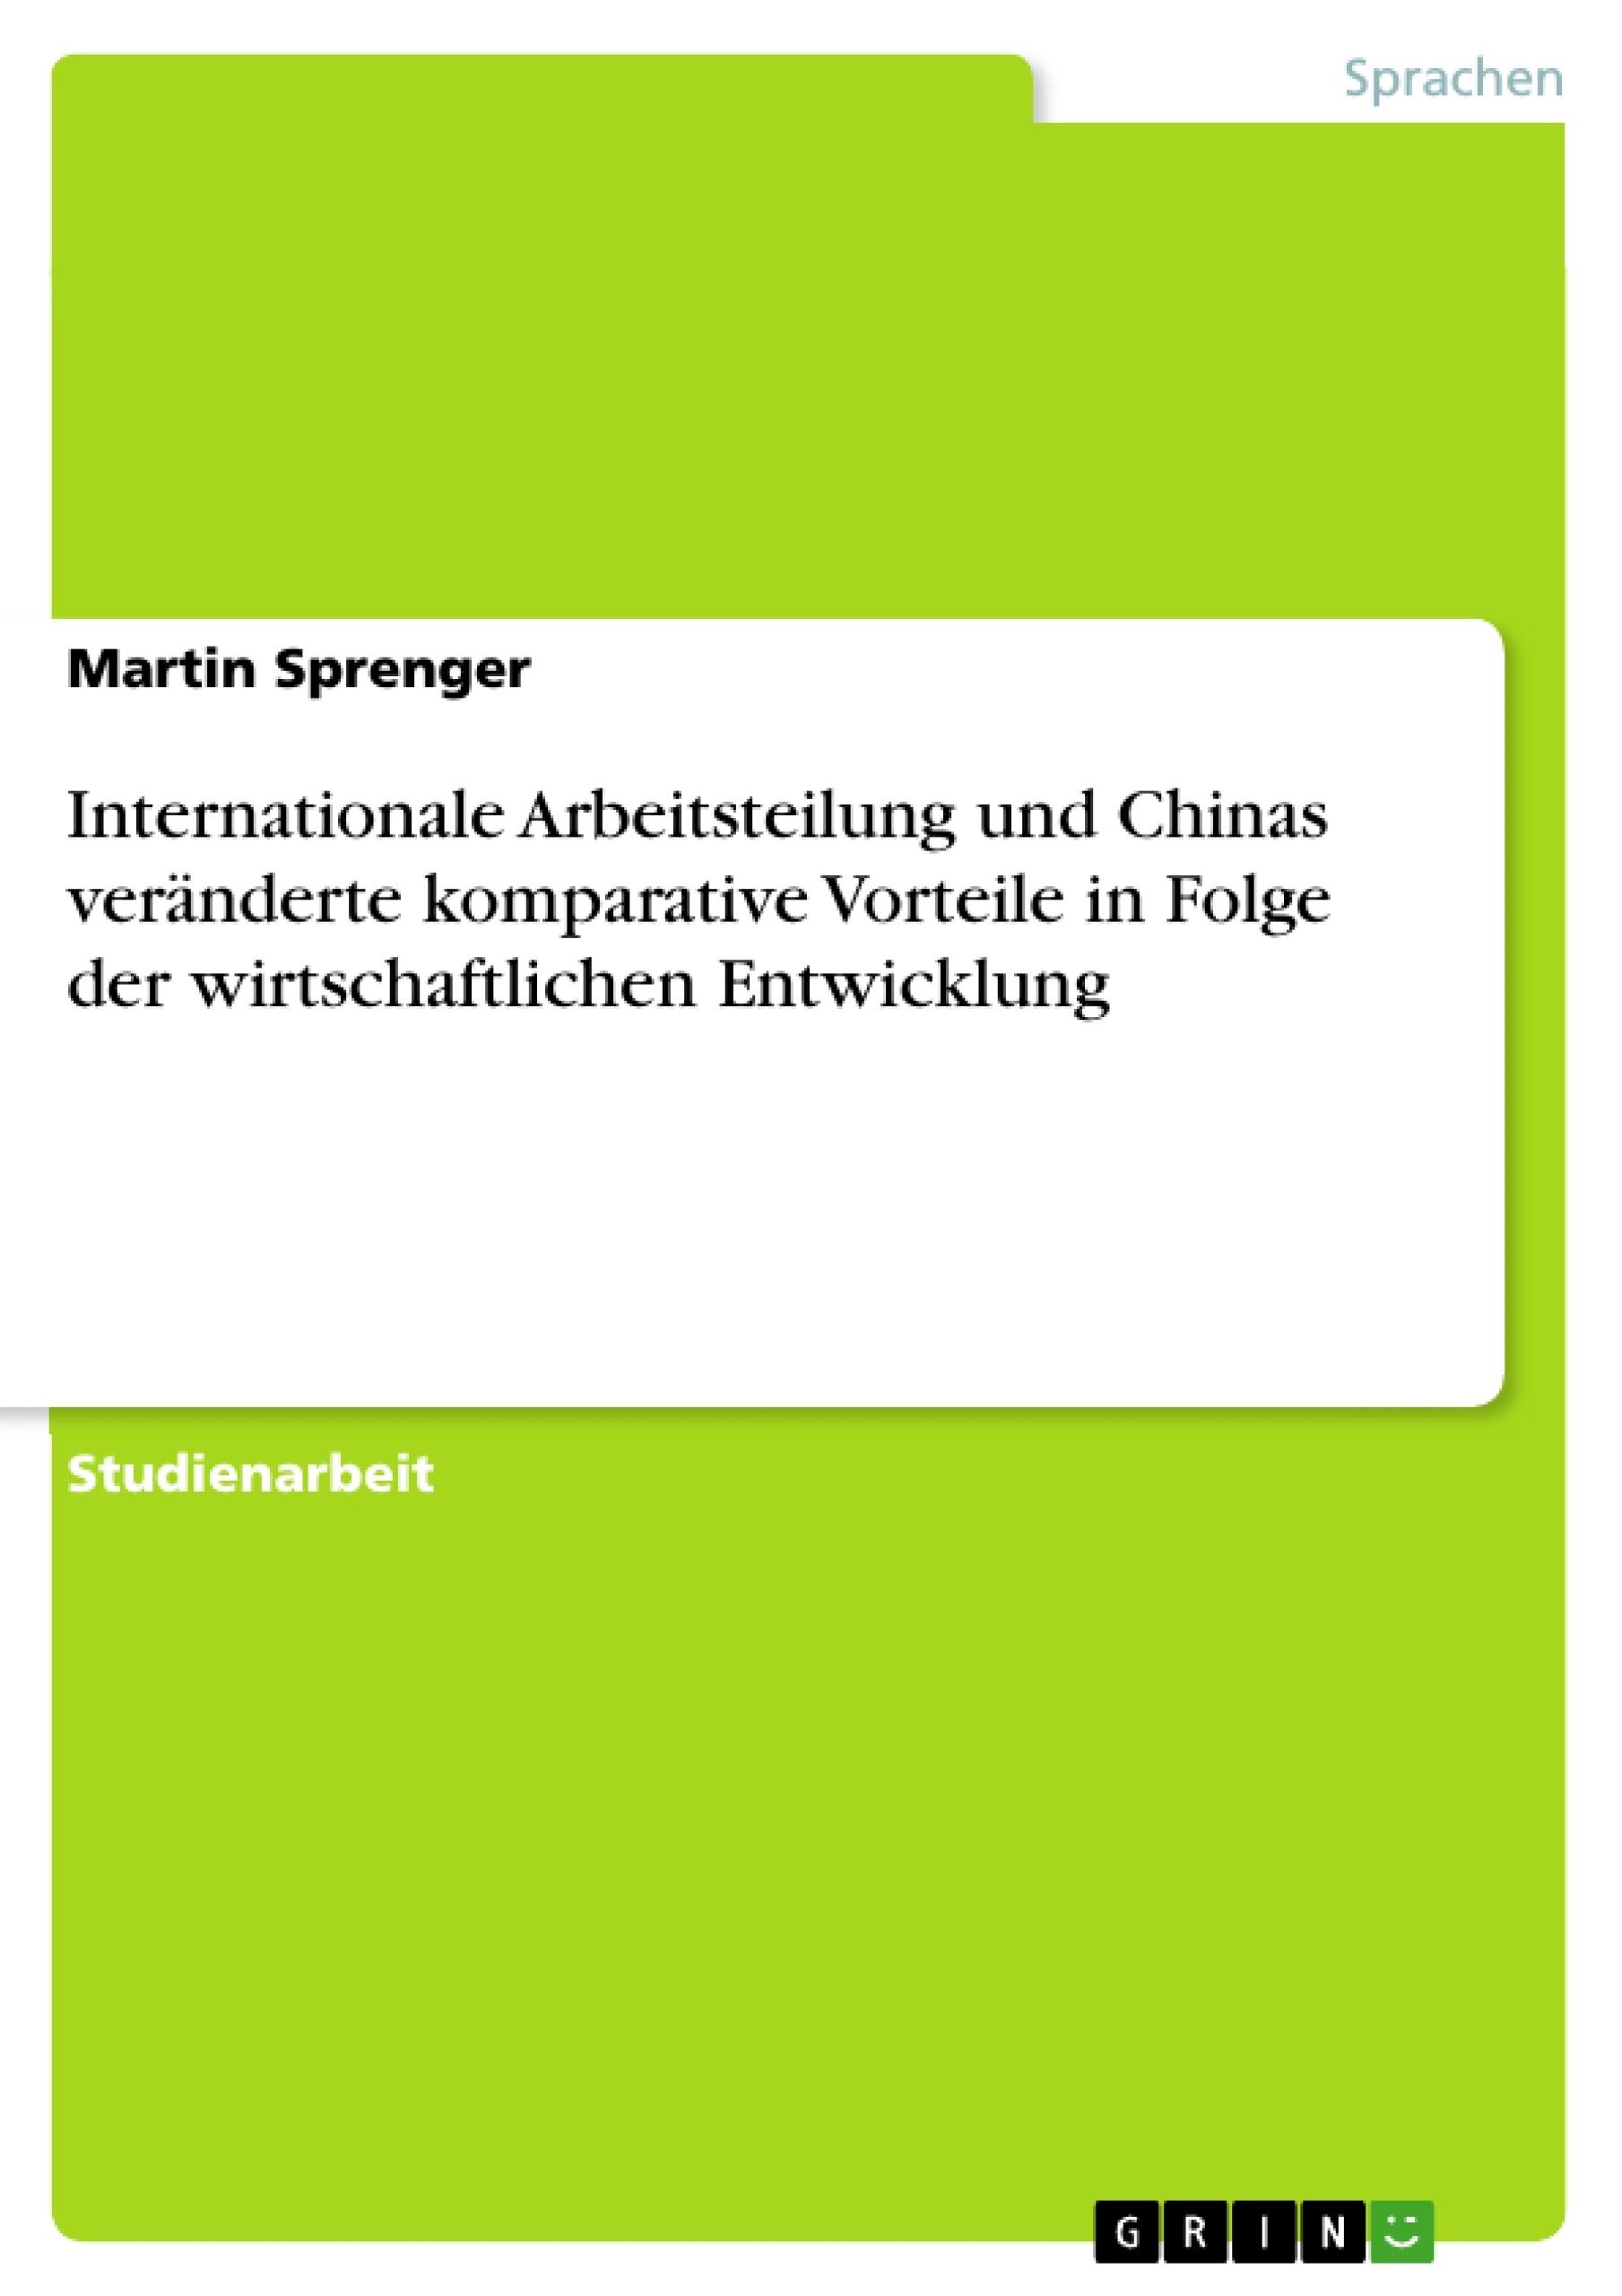 Titel: Internationale Arbeitsteilung und Chinas veränderte komparative Vorteile in Folge der wirtschaftlichen Entwicklung